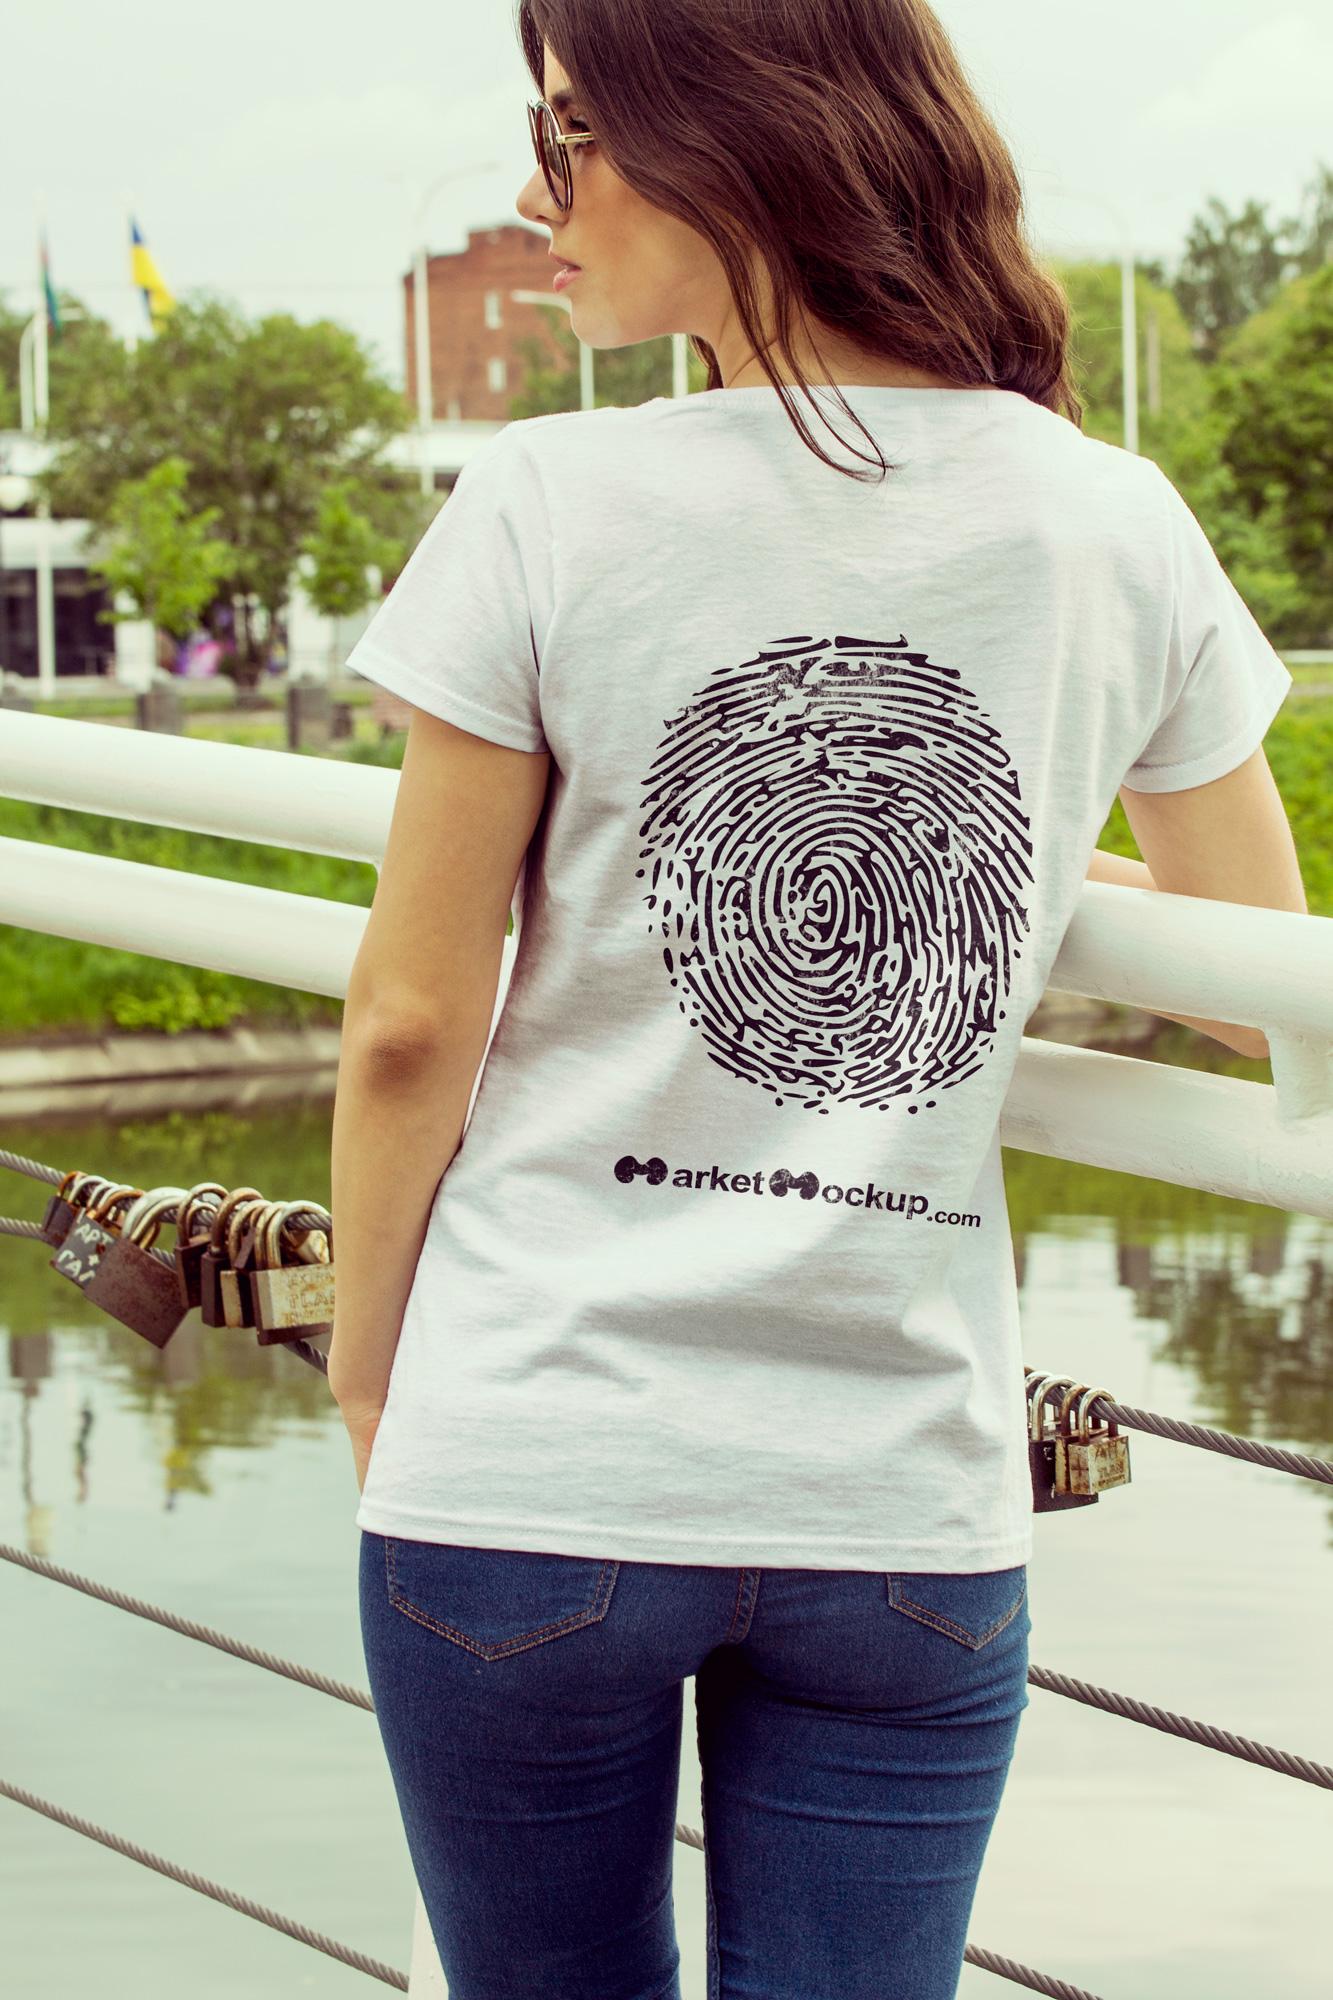 دانلود موکاپ تیشرت زنانه از پشت